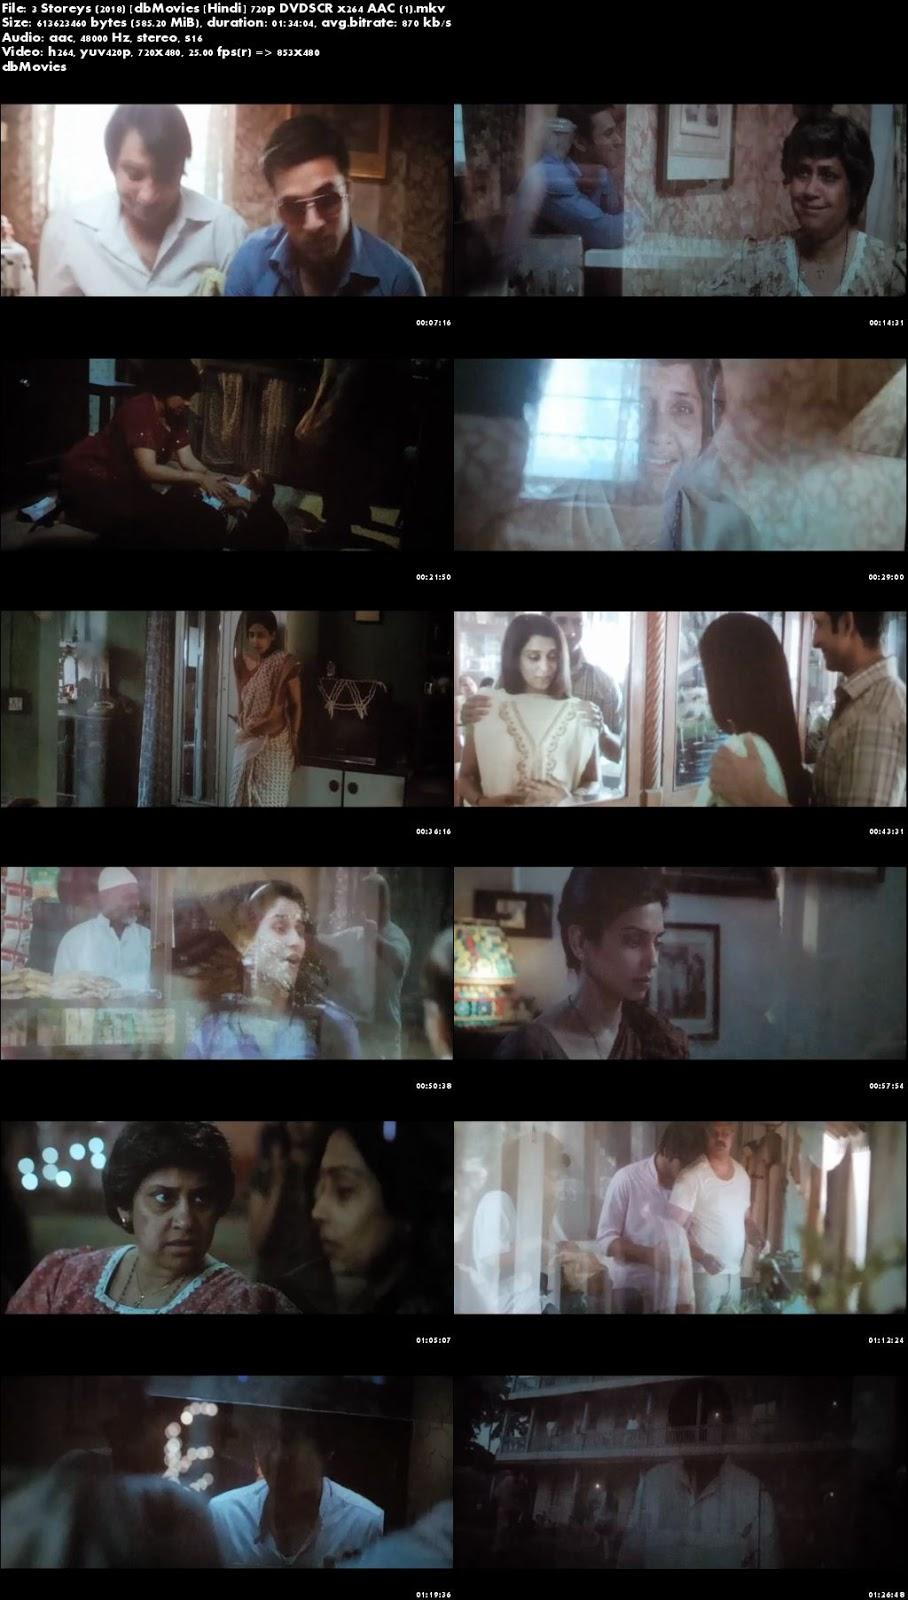 Screen Shots 3 Storeys 2018 Full Movie Download Hindi HD Free 720p